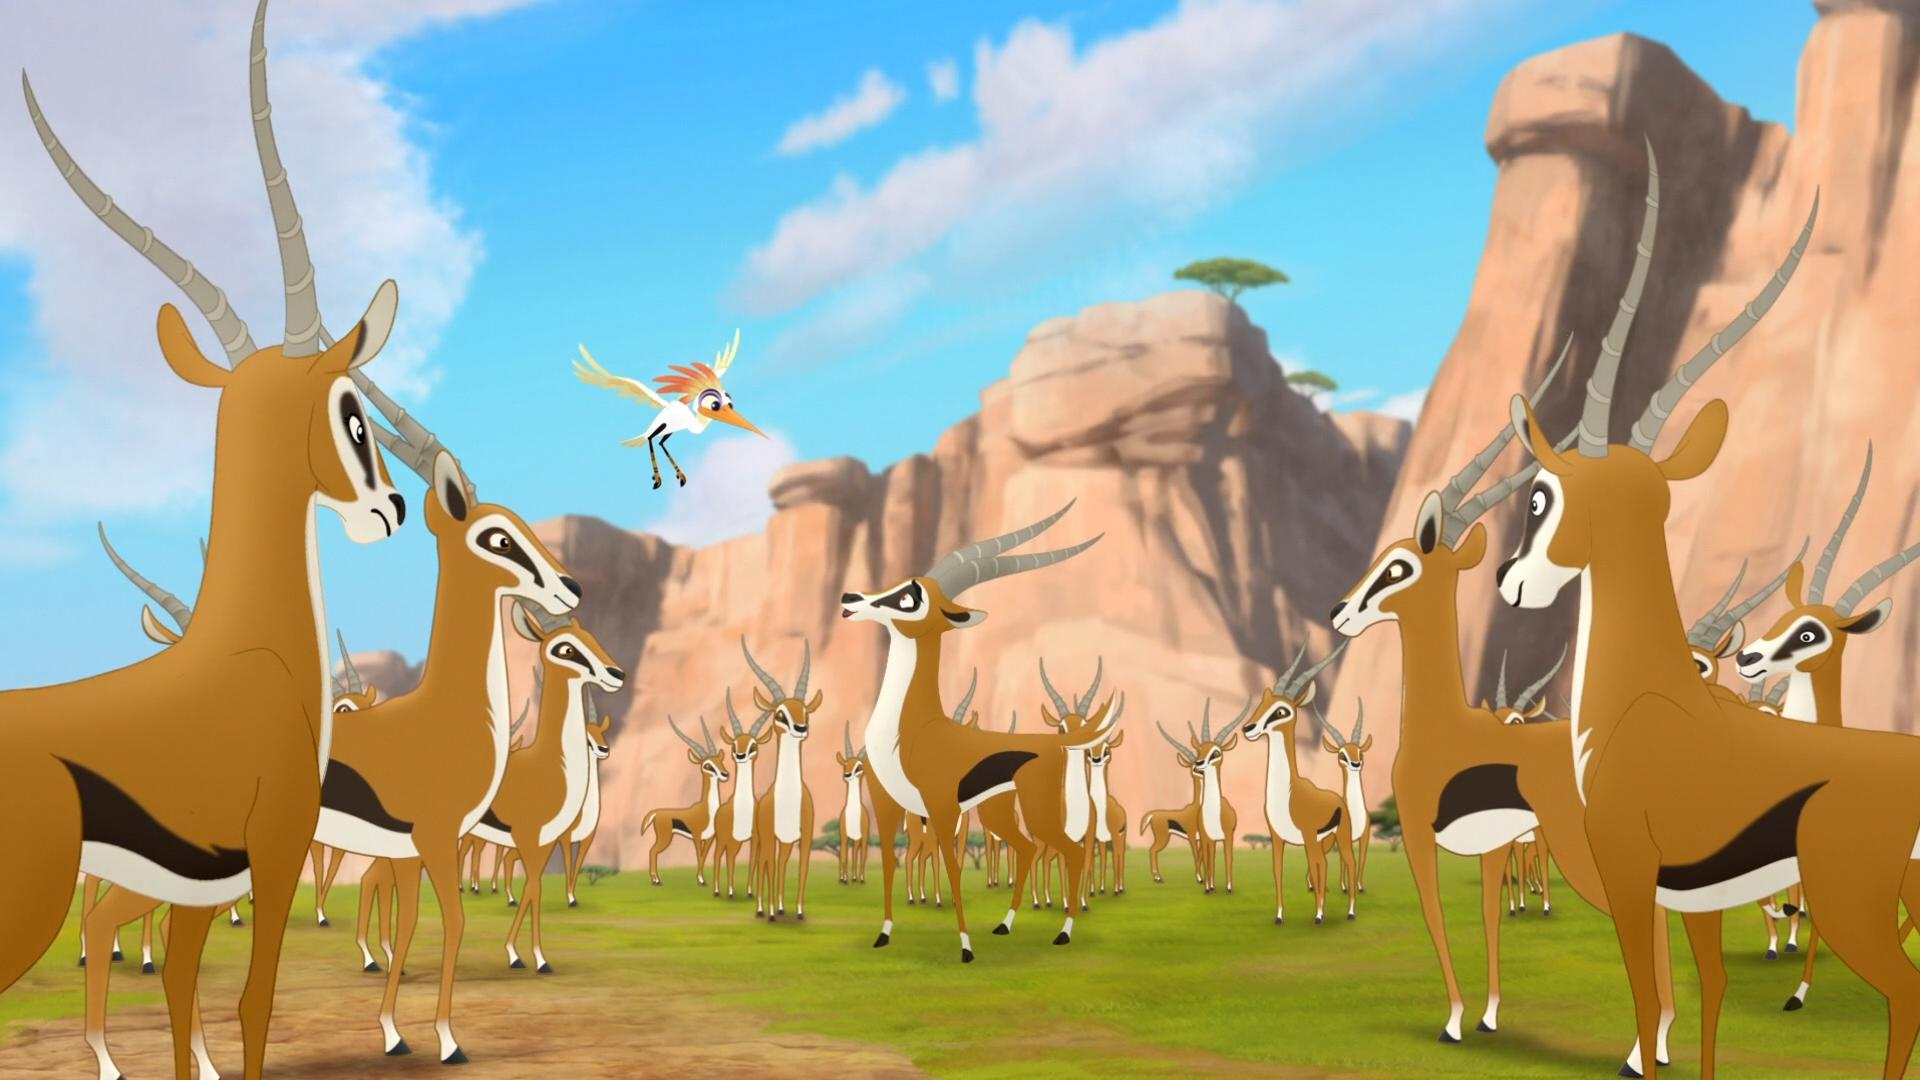 Swala's herd